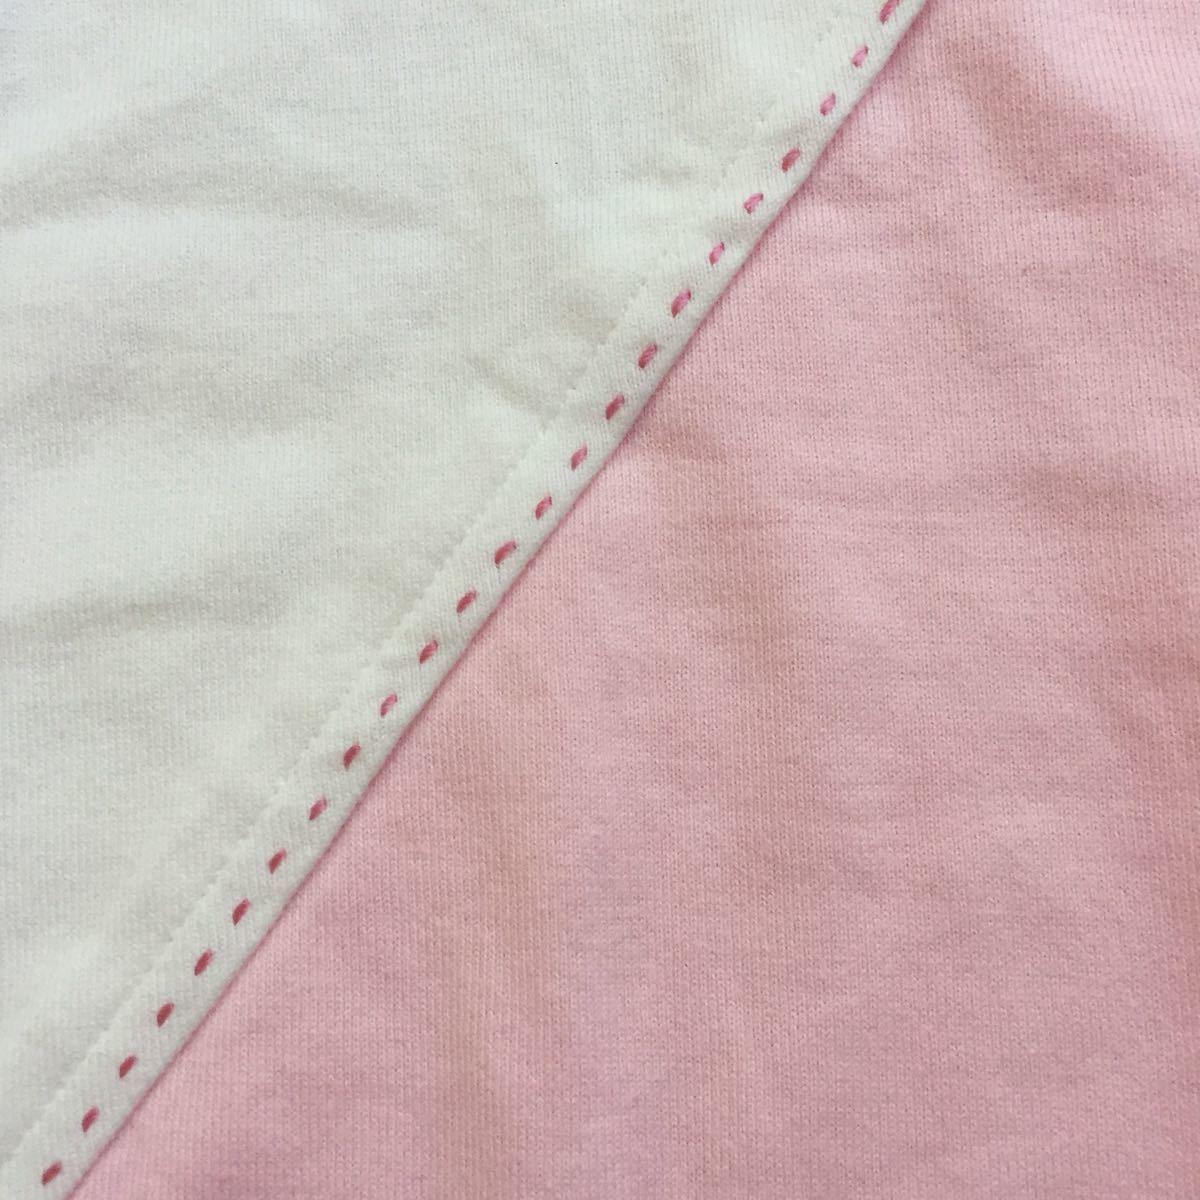 未使用 未着 BURBERRY LONDON バーバリー 綿100 ホース刺繍付き 可愛い長袖Tシャツ サイズ160A オフ白×ピンク 日本製 三陽商会_画像7